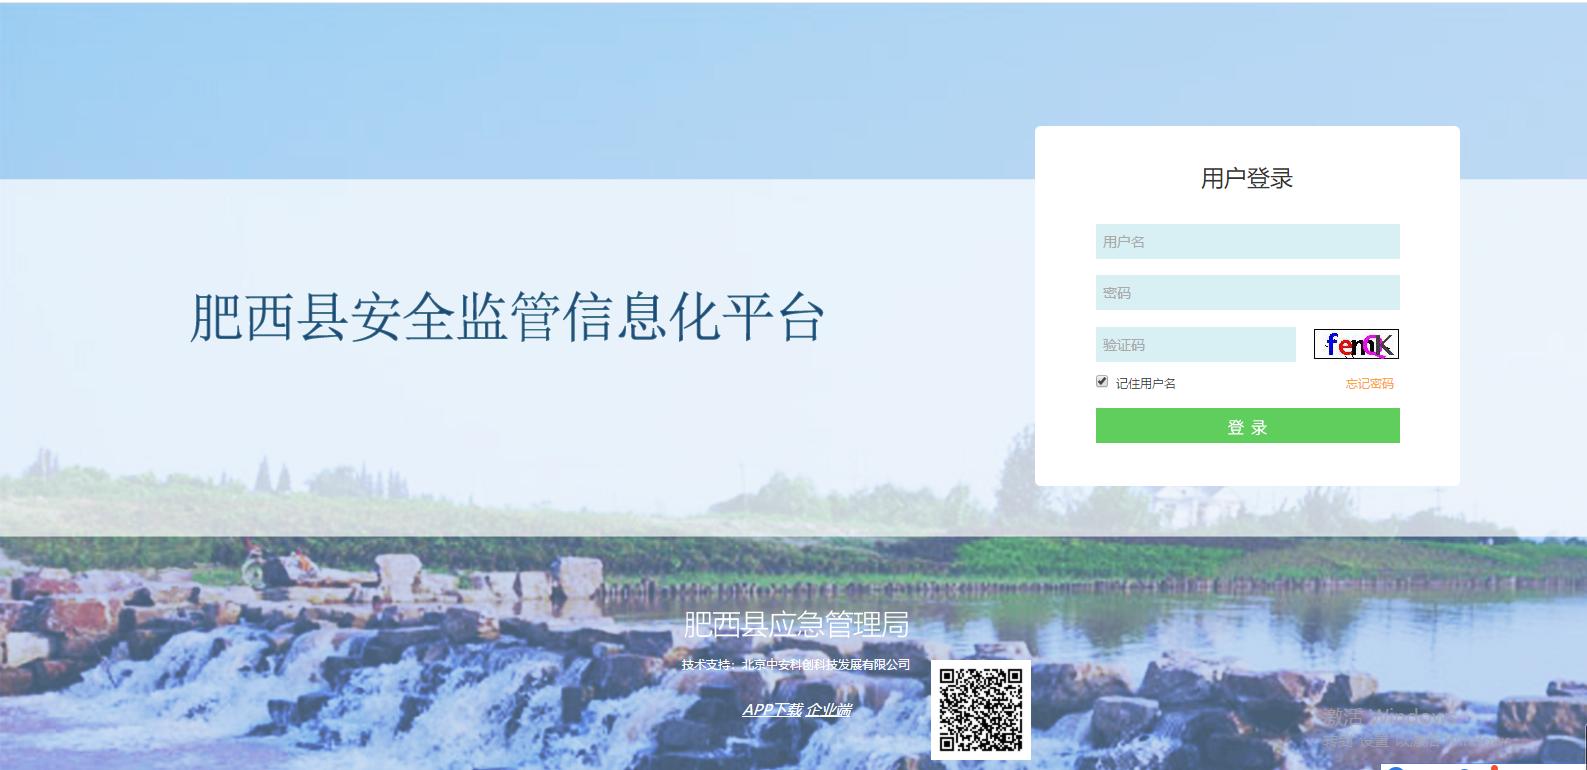 肥西县安全监管信息化平台